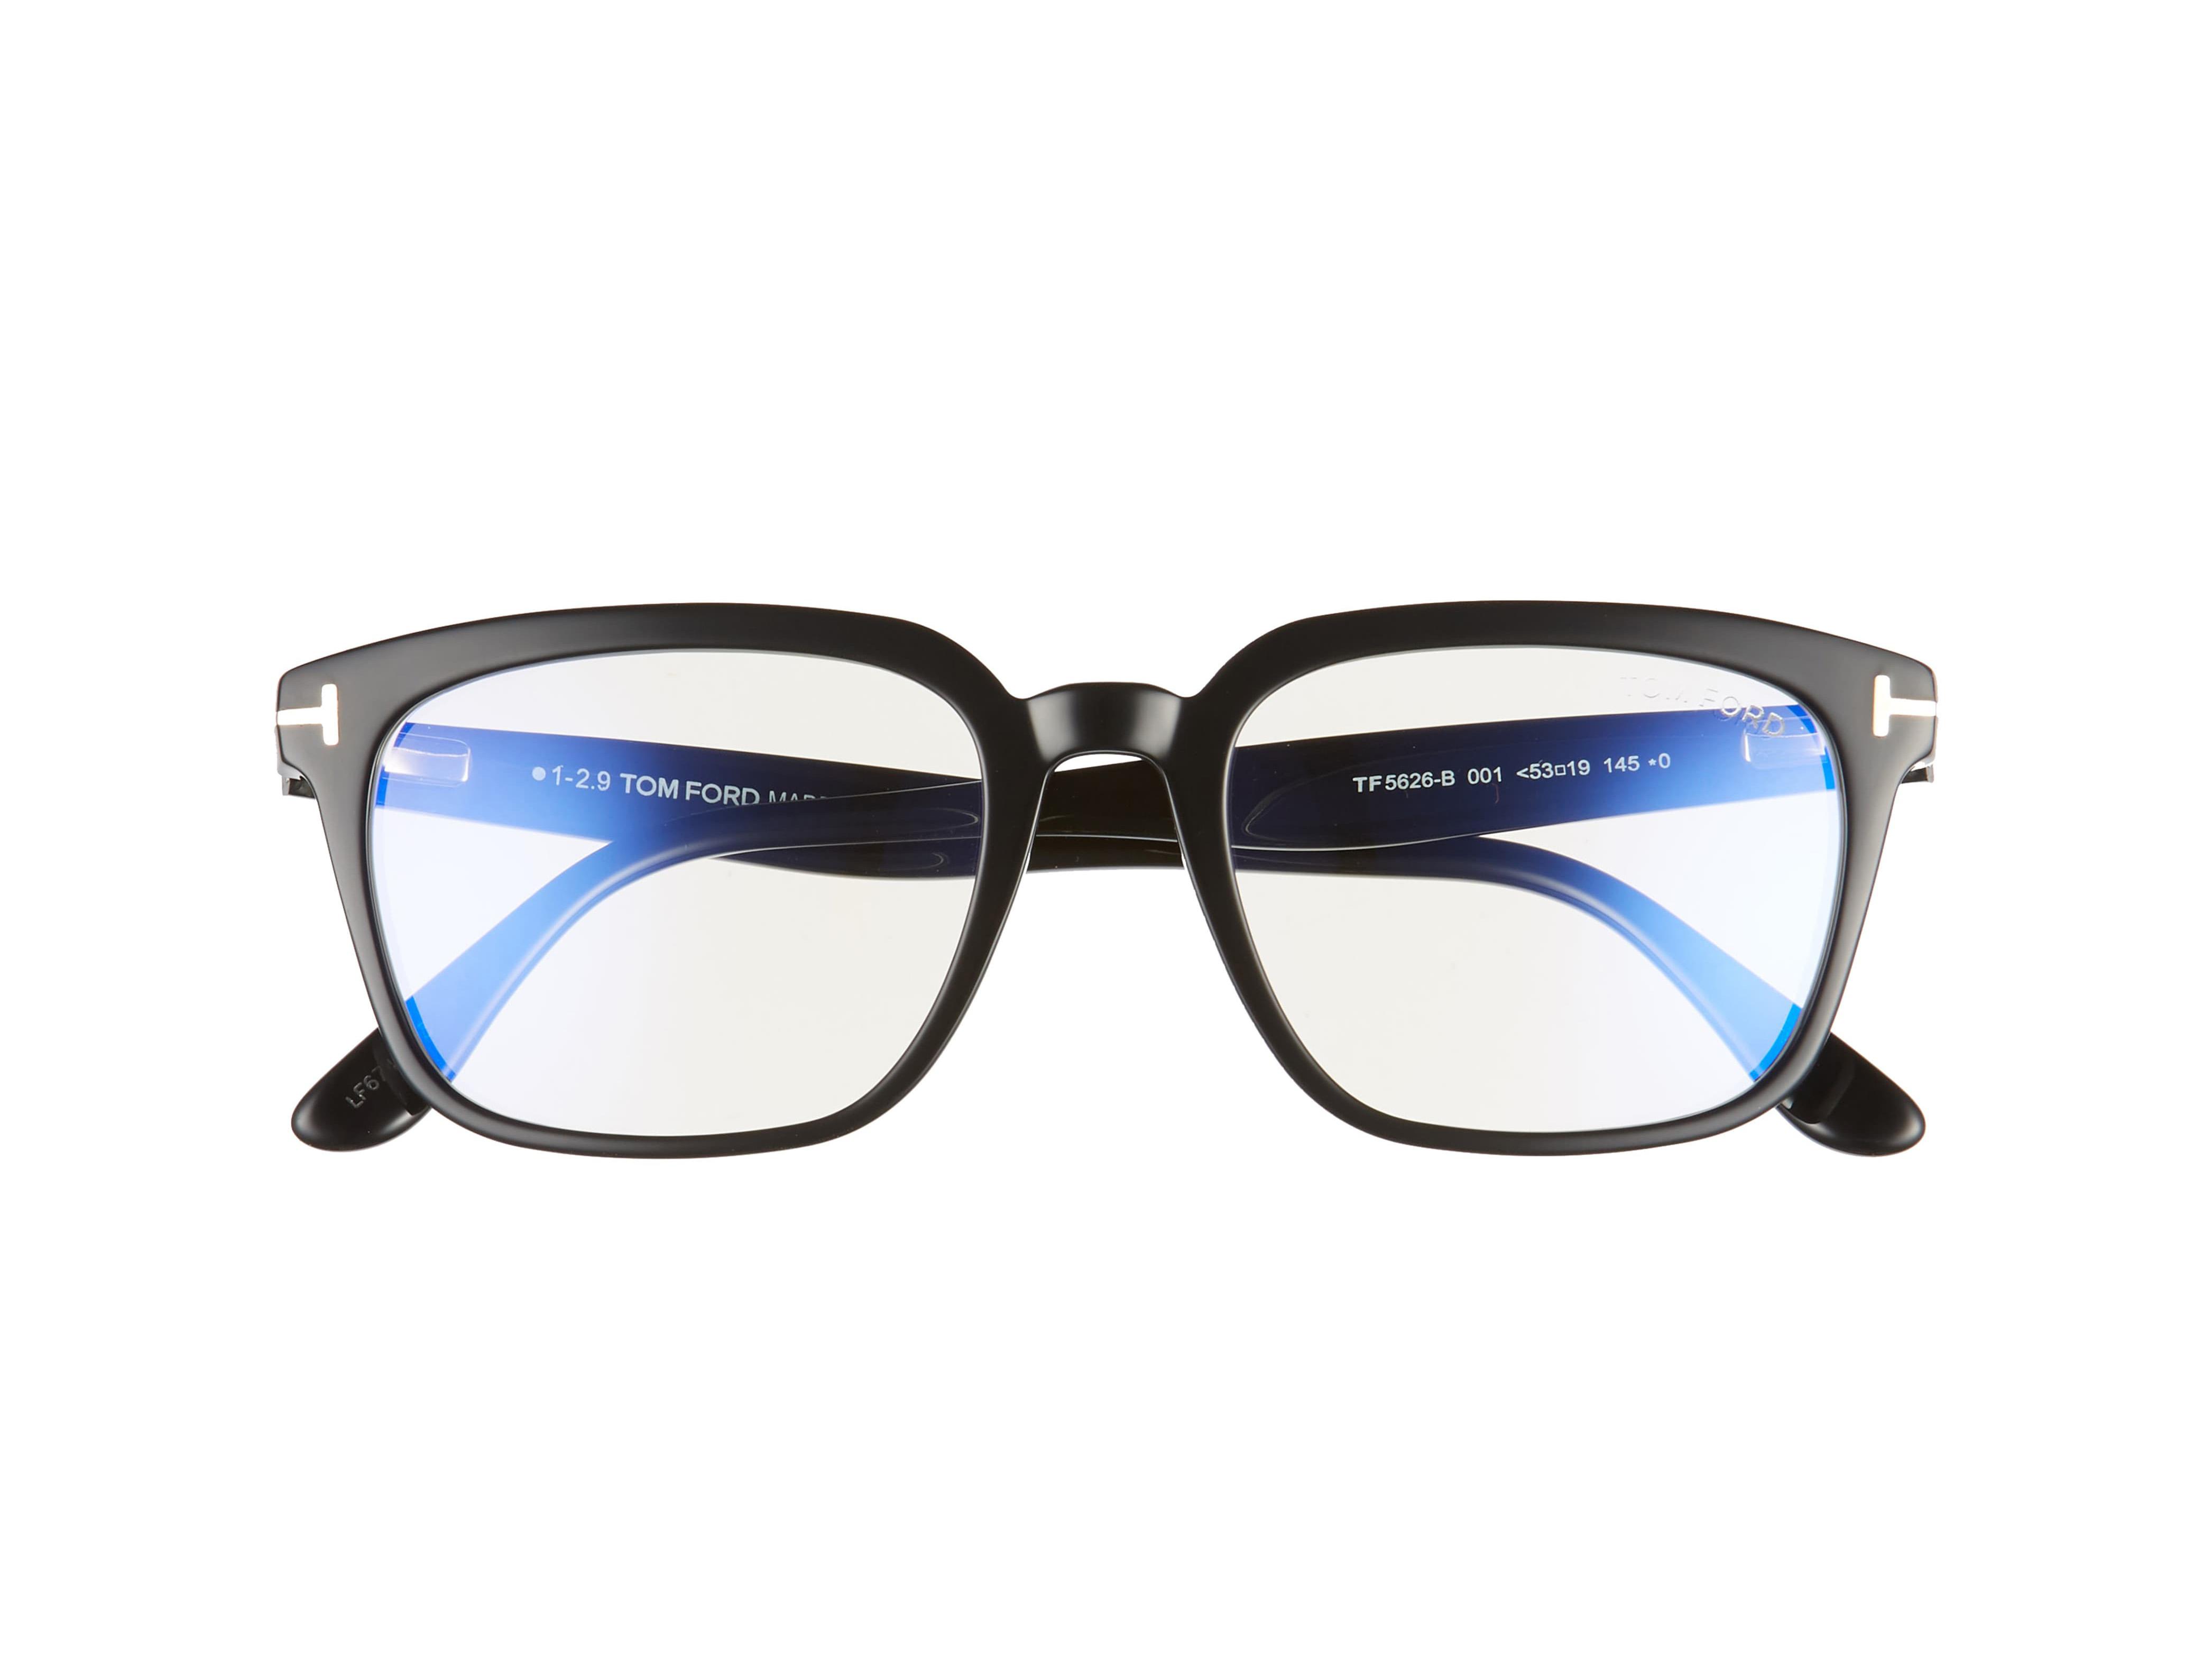 Best Blue Light Glasses - Tom Ford Glasses